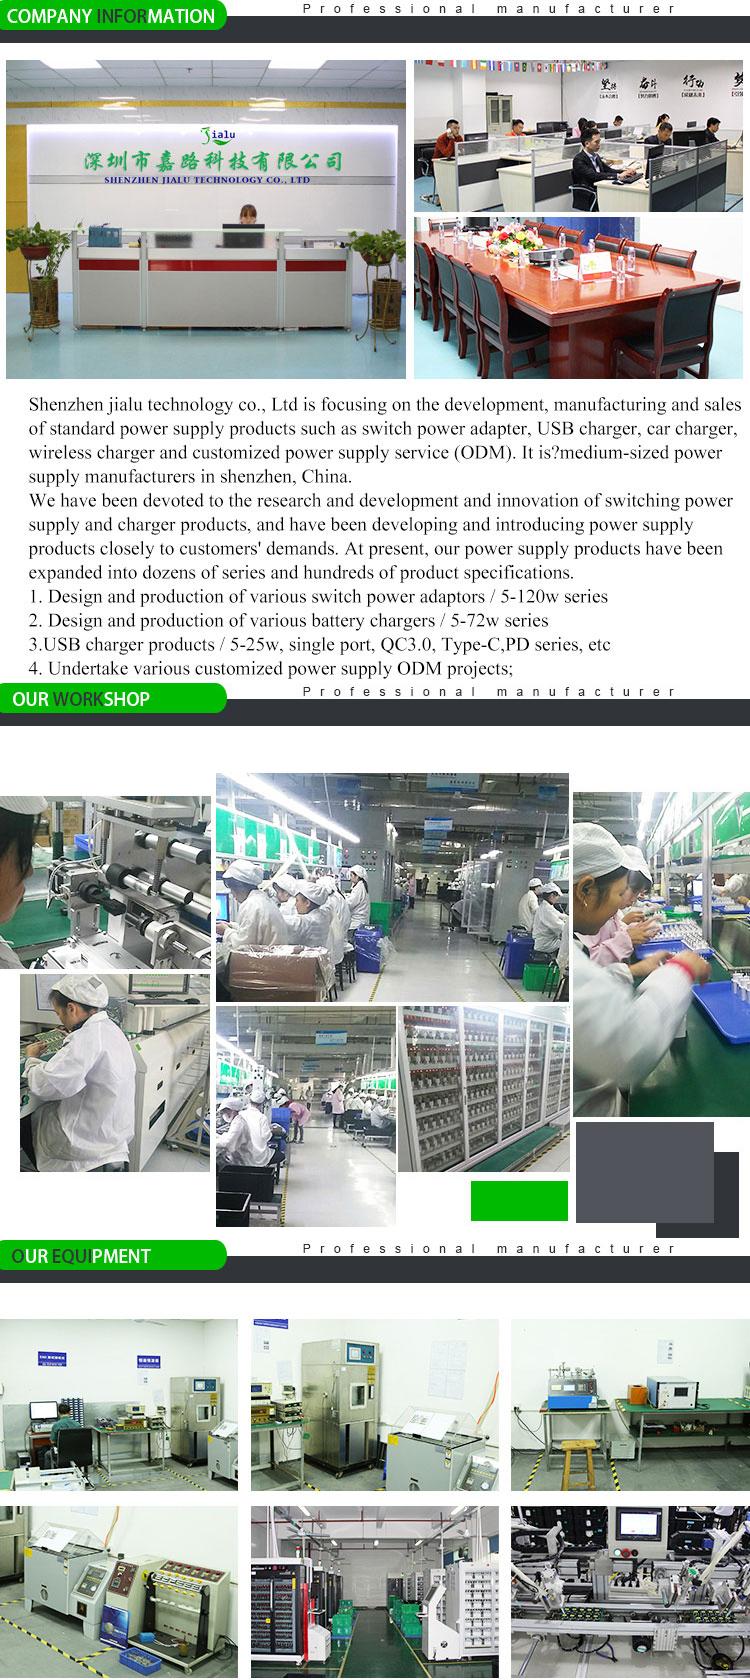 Çin'de yapılan masaüstü kullanımı 24V 0.5A adaptörü kurşun asit batarya kullanımı adaptörü ile FCC CE GS KC PSE SAA c-tick ceertifications